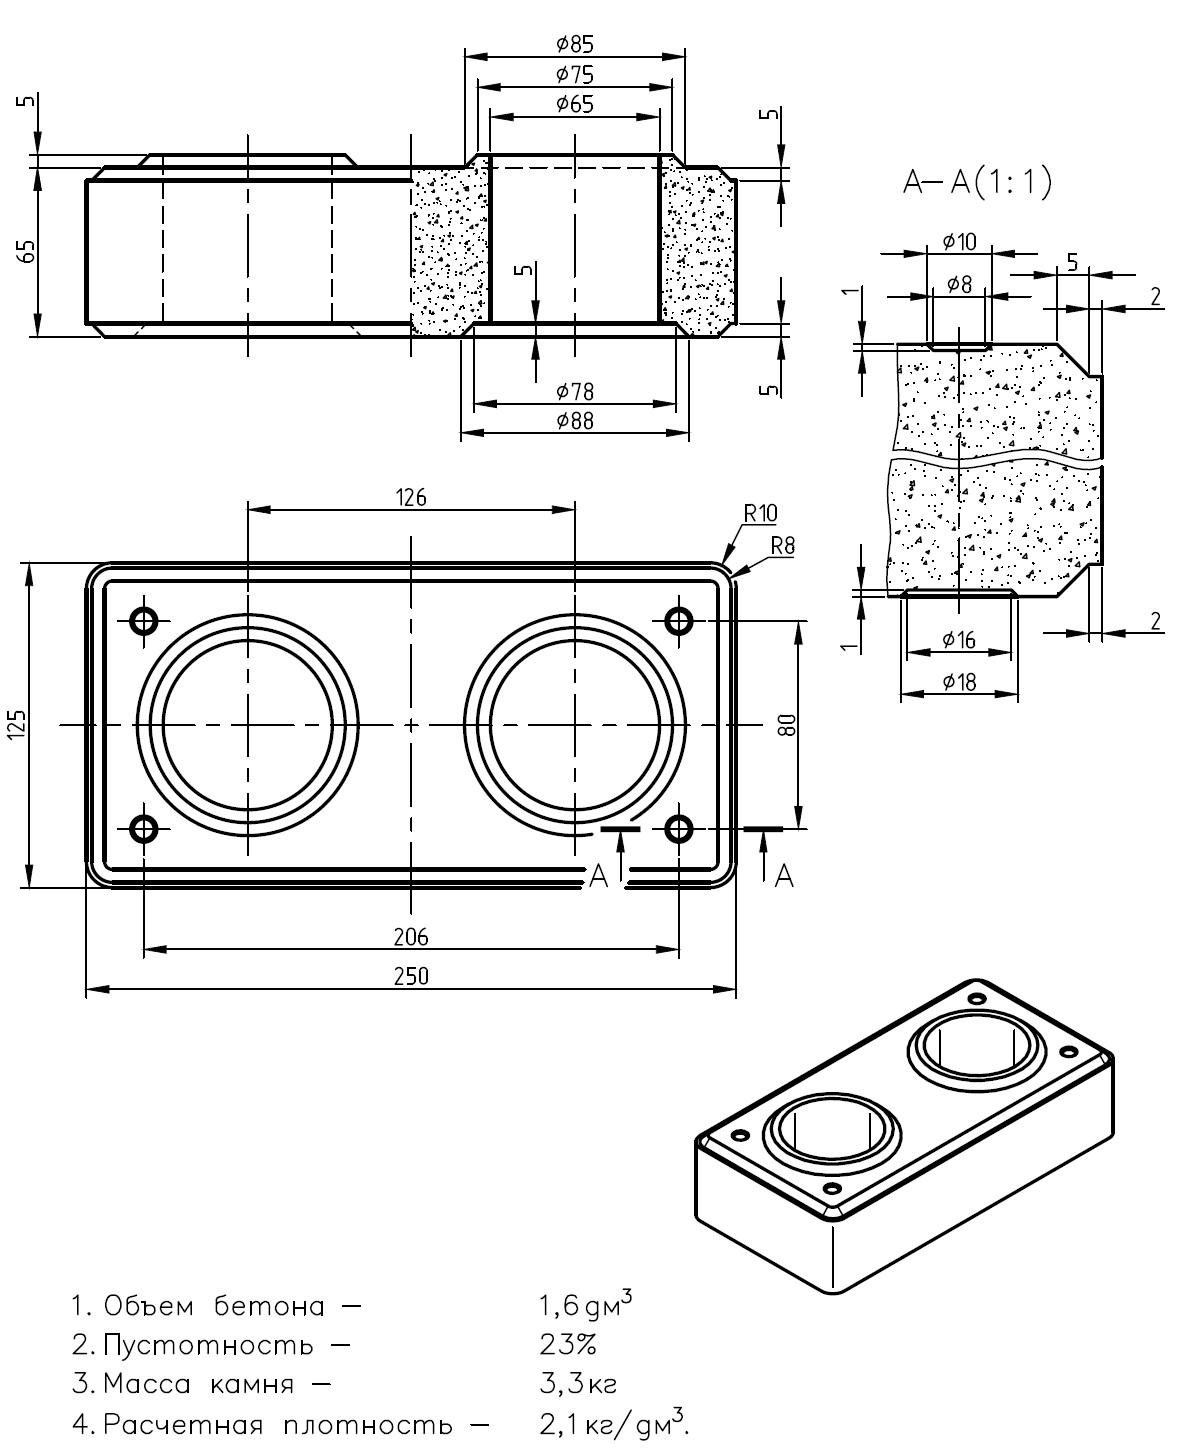 Станок лего кирпич схема фото 1000